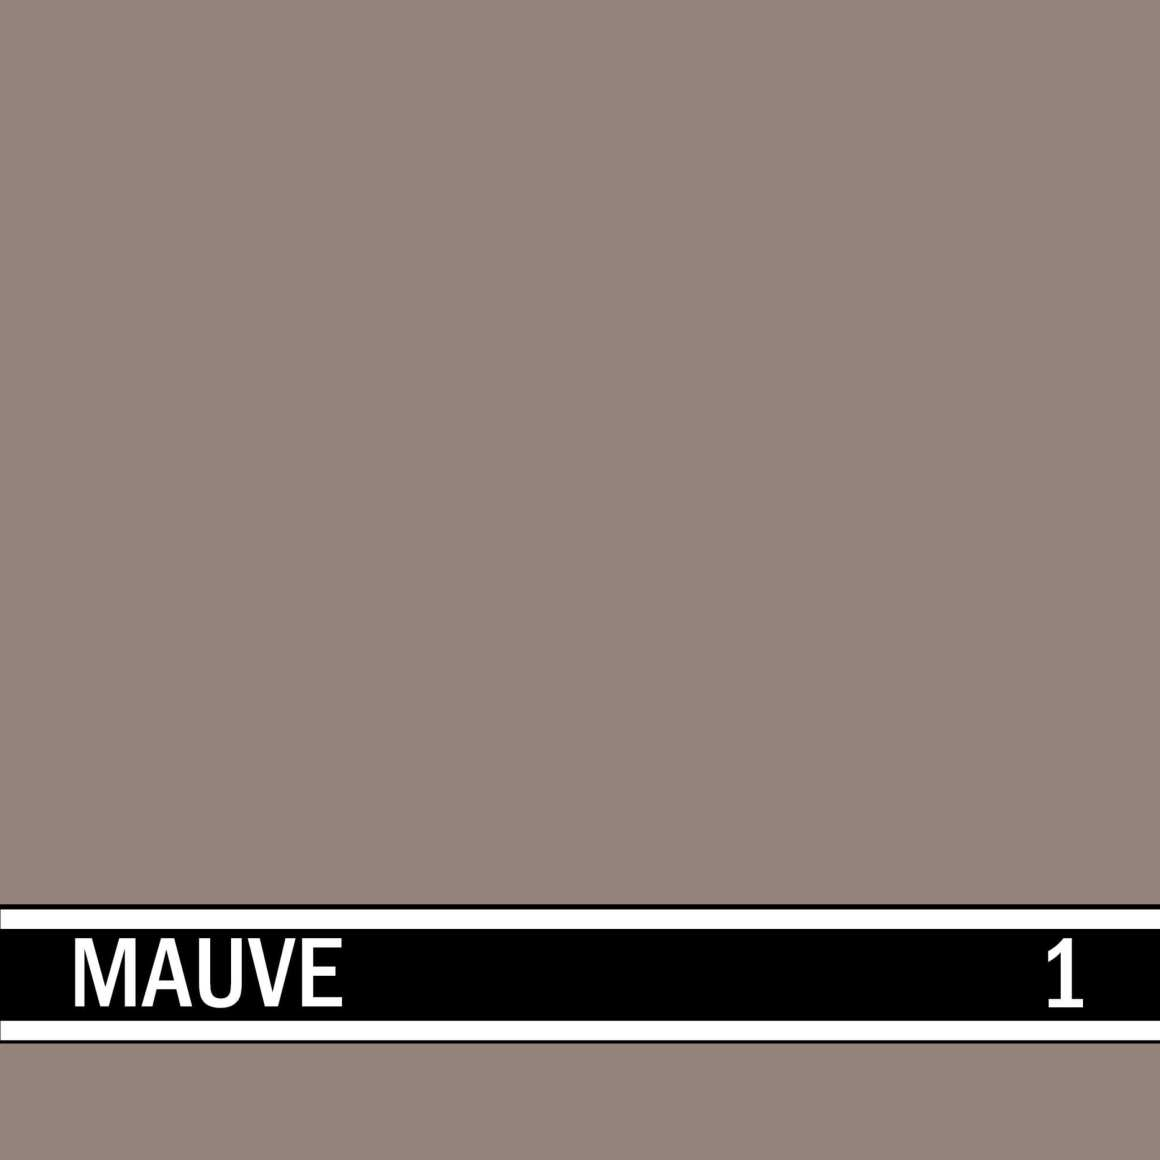 Mauve integral concrete color for stamped concrete and decorative colored concrete